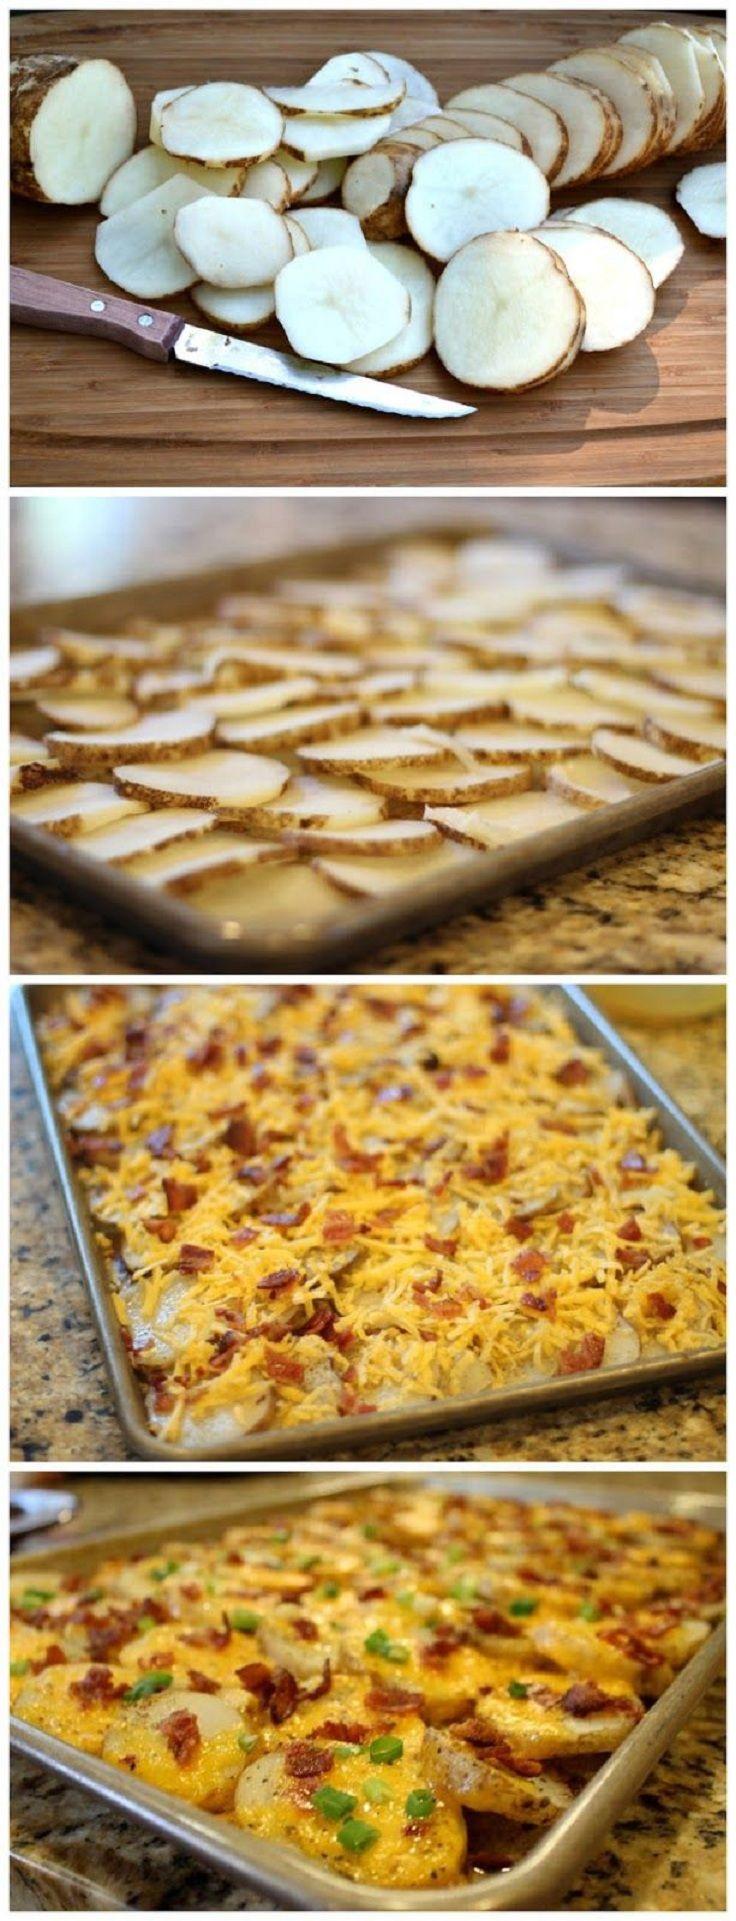 Cheesy Bites tocino de la patata - Hervir las patatas en rodajas durante 5 minutos, en la hoja de capa pulverizada, cubra con queso y tocino, hornear a 375 durante 15 minutos, cubra con la cebolla verde.